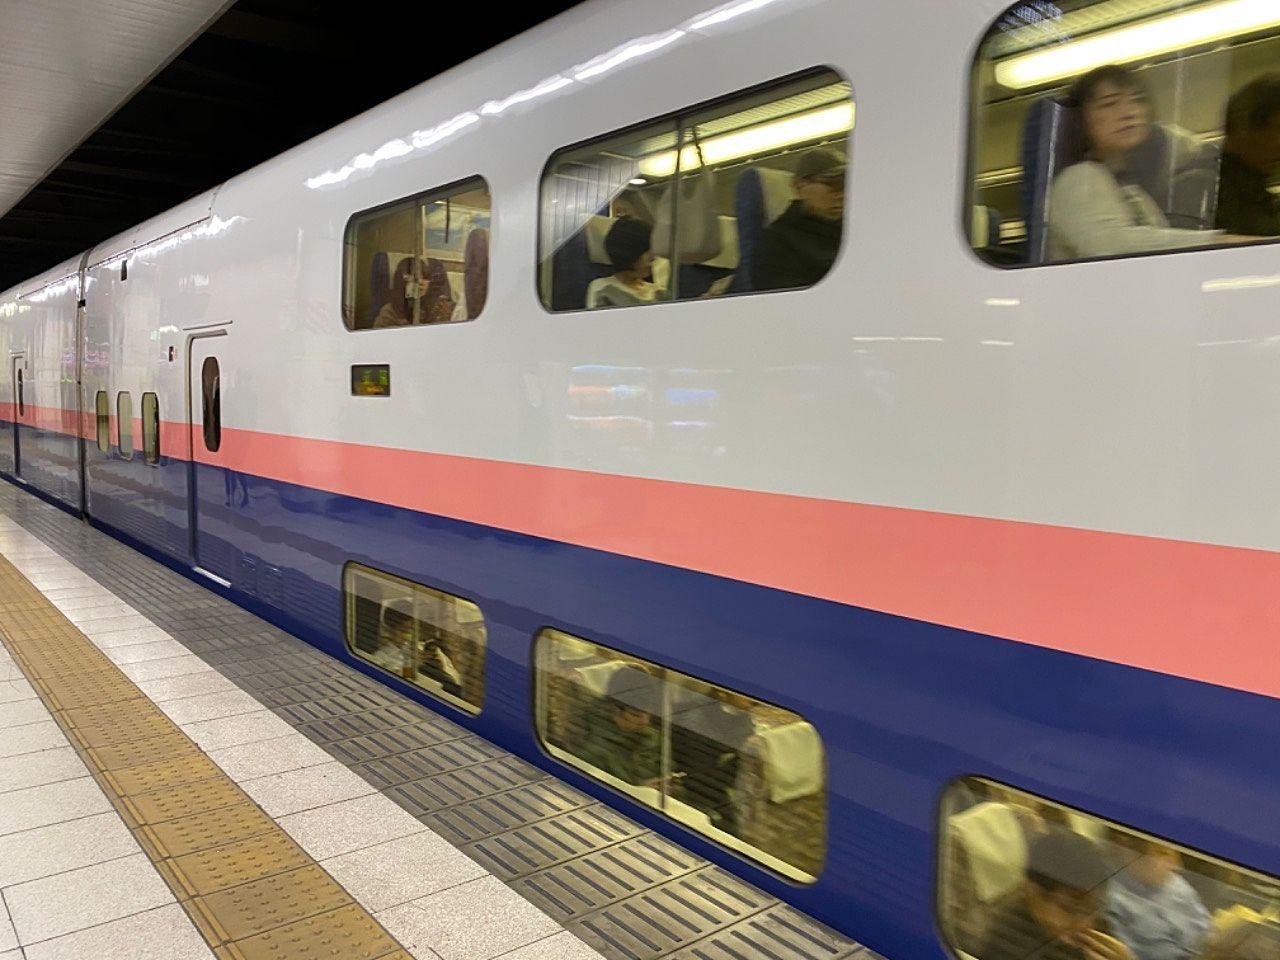 上越新幹線で越後湯沢まで